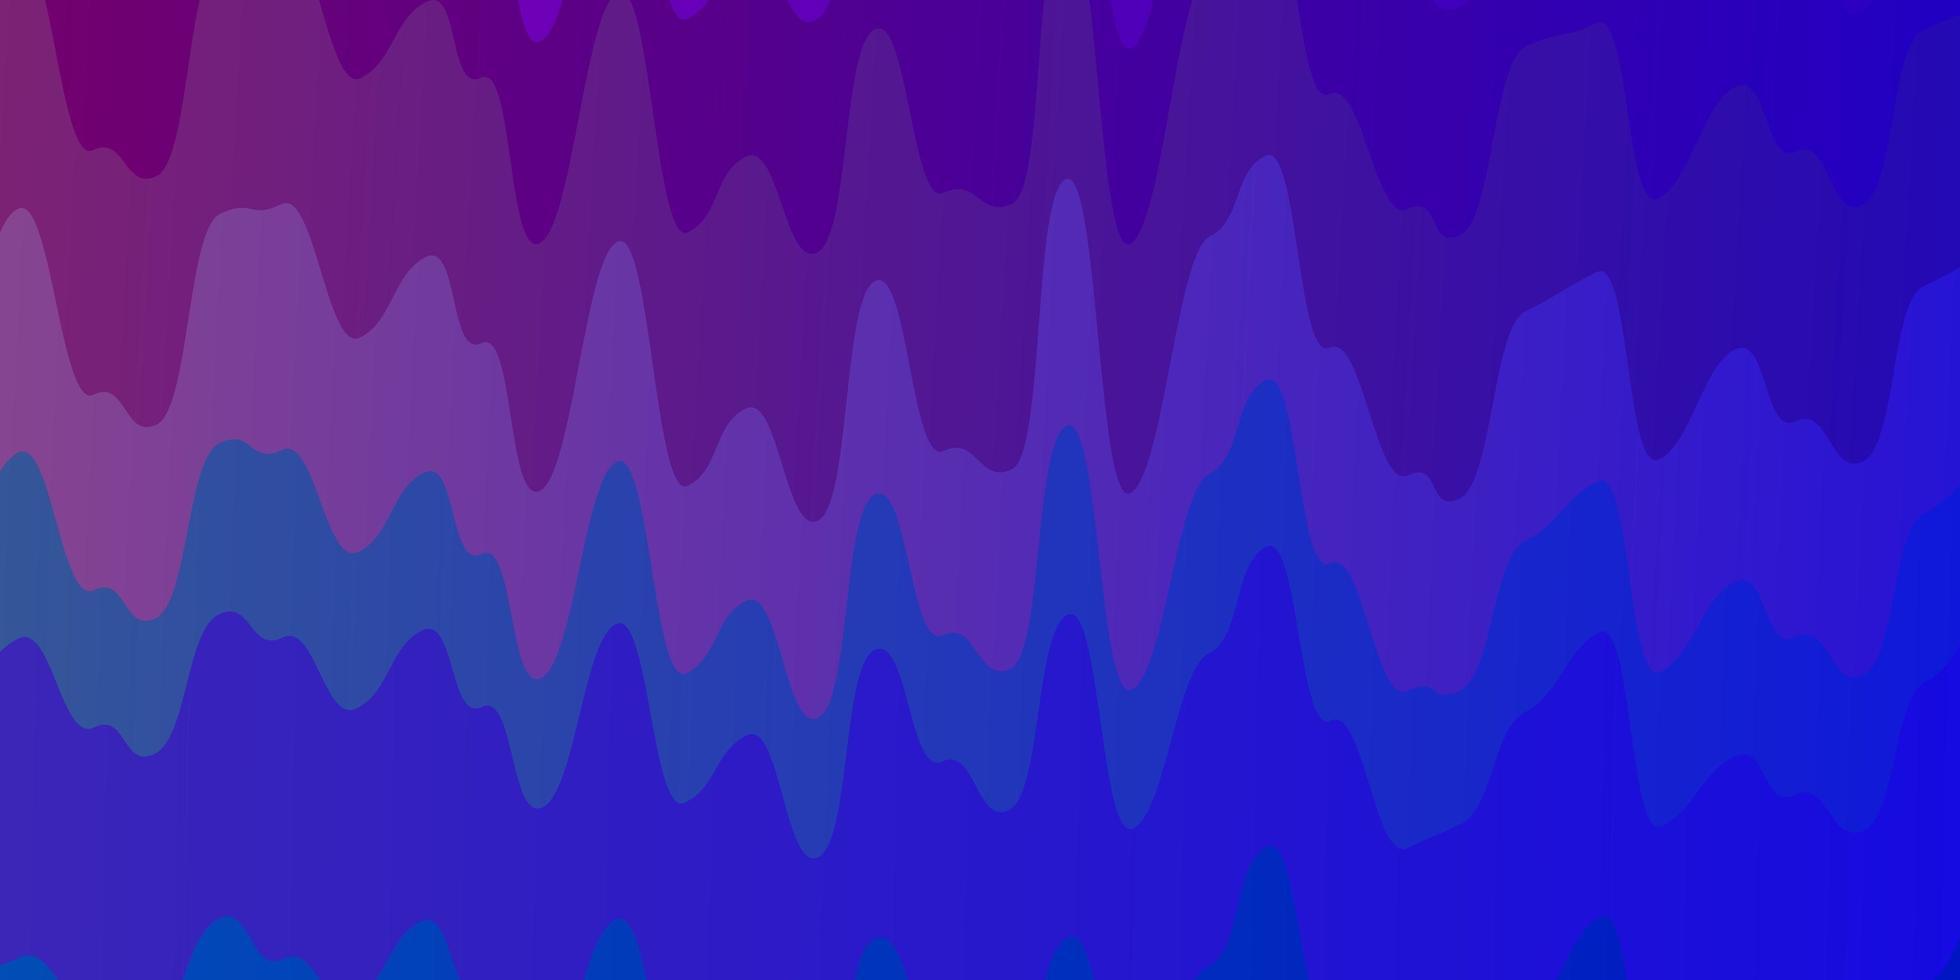 hellblaue, rote Vektorschablone mit schiefen Linien. vektor